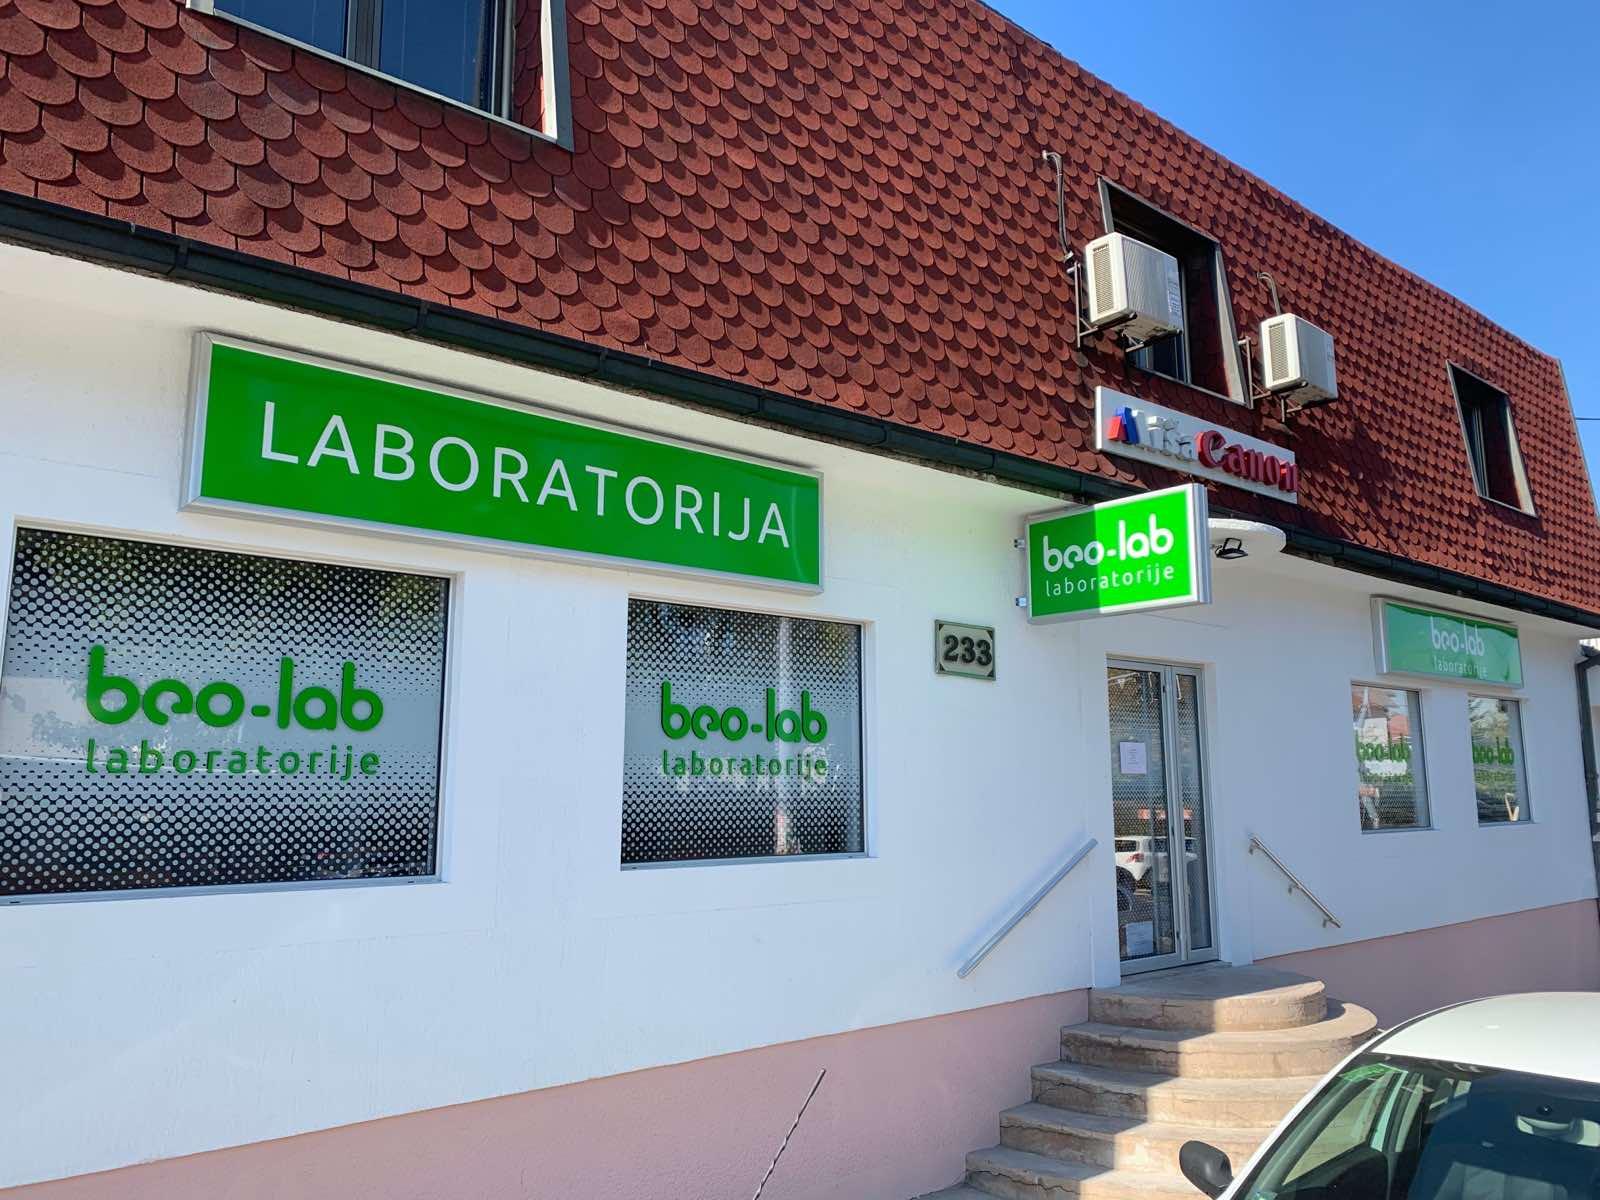 Beo-lab laboratorija Braće Jerković, Beograd 2